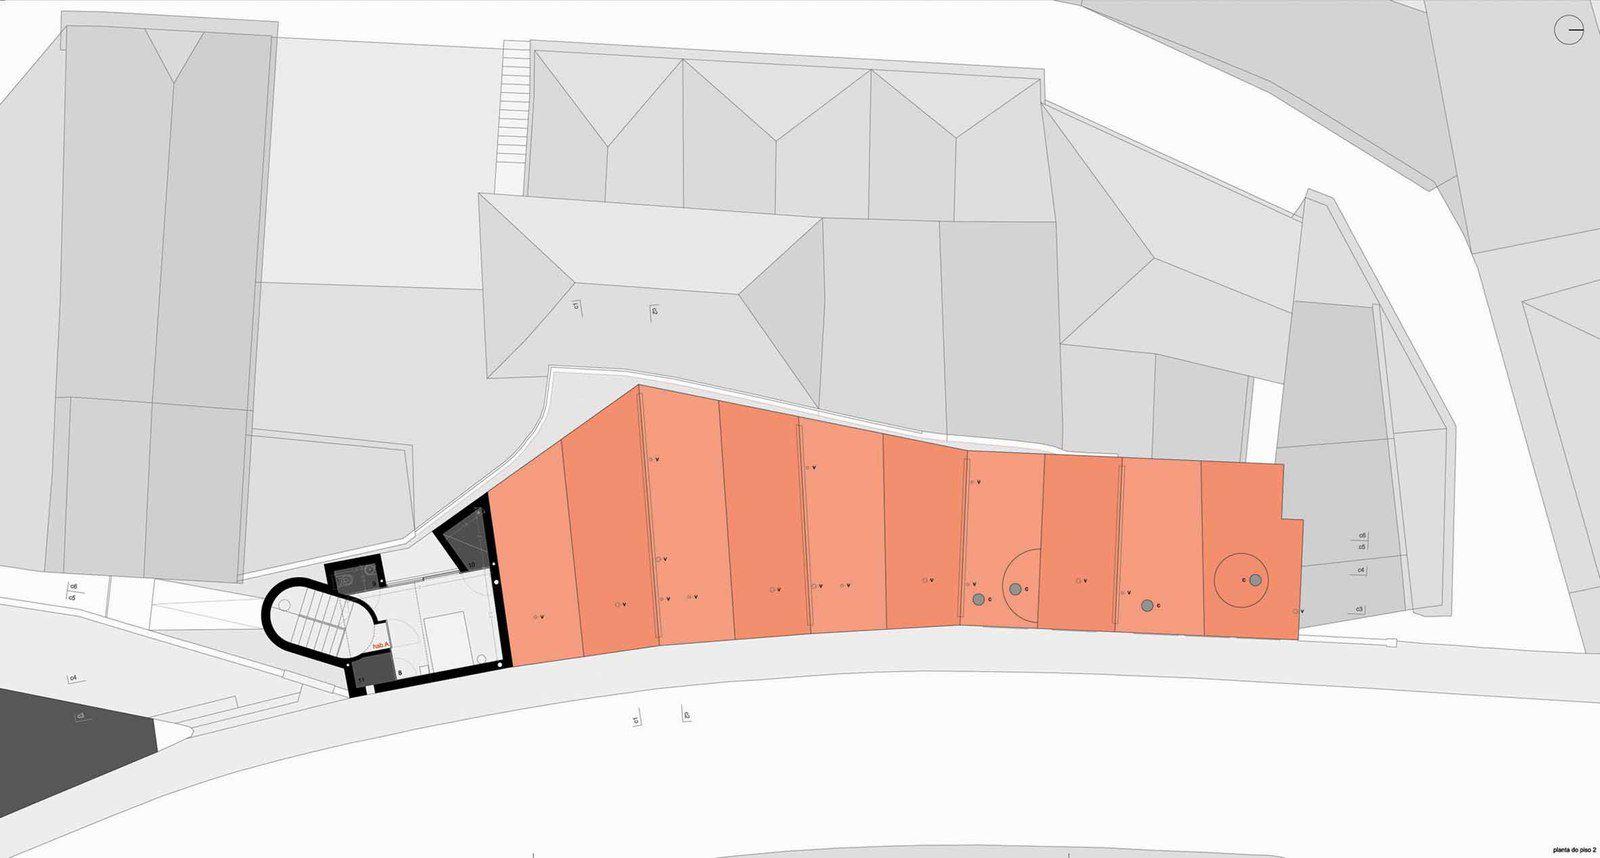 RED HOUSING BLOCK 'GENERAL TORRES 416' IN VILA NOVA DE GAIA, BY CAIANO MORGADO ARQUITECTOS